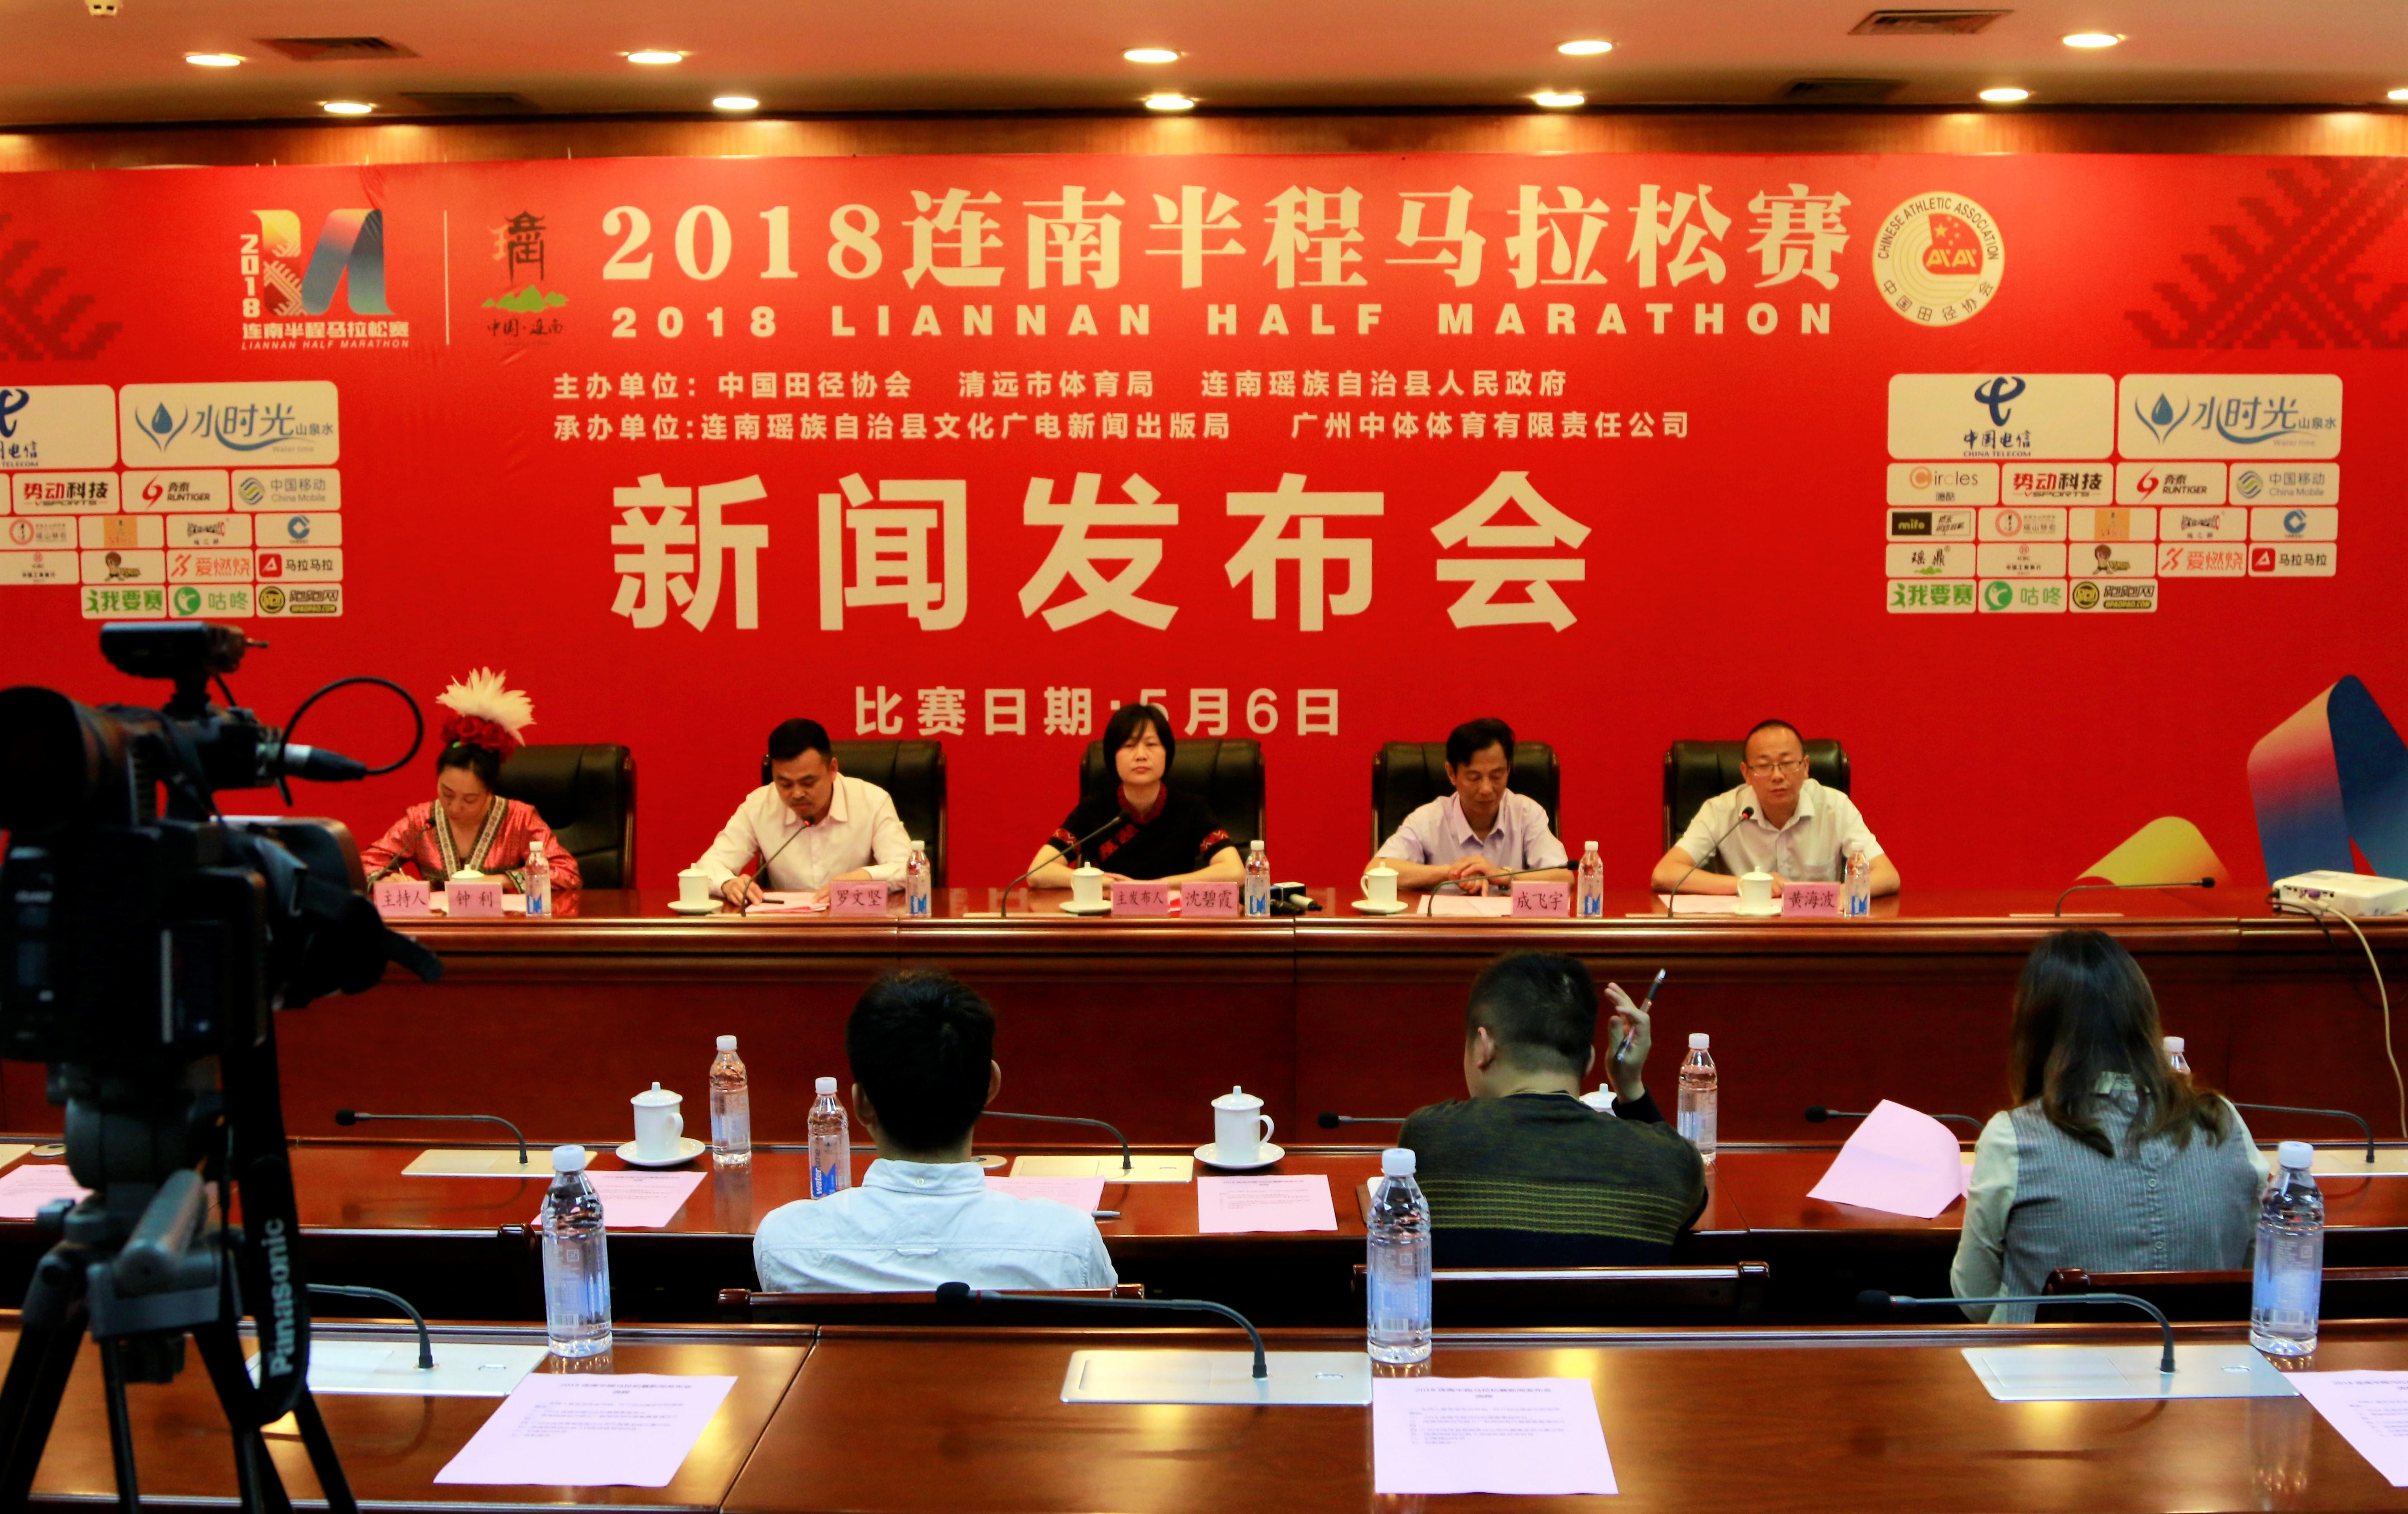 http://img.sport-china.cn/180429105ae52bdb829f2.jpeg